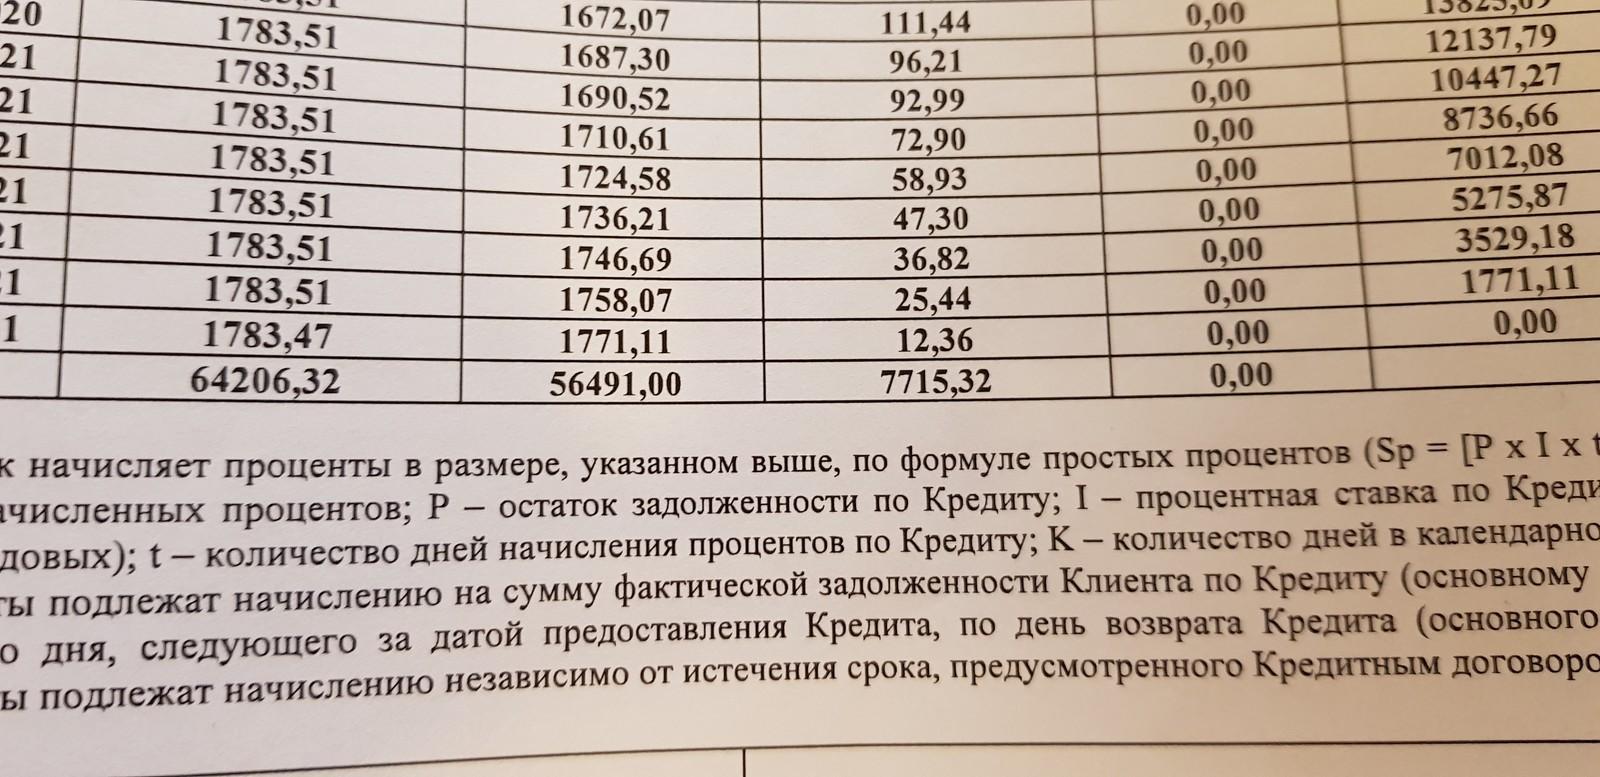 можно ли взять рассрочку в 18 лет без работы в связном 1 января 2020 года павел витальевич взял в банке 1 млн рублей в кредит схема